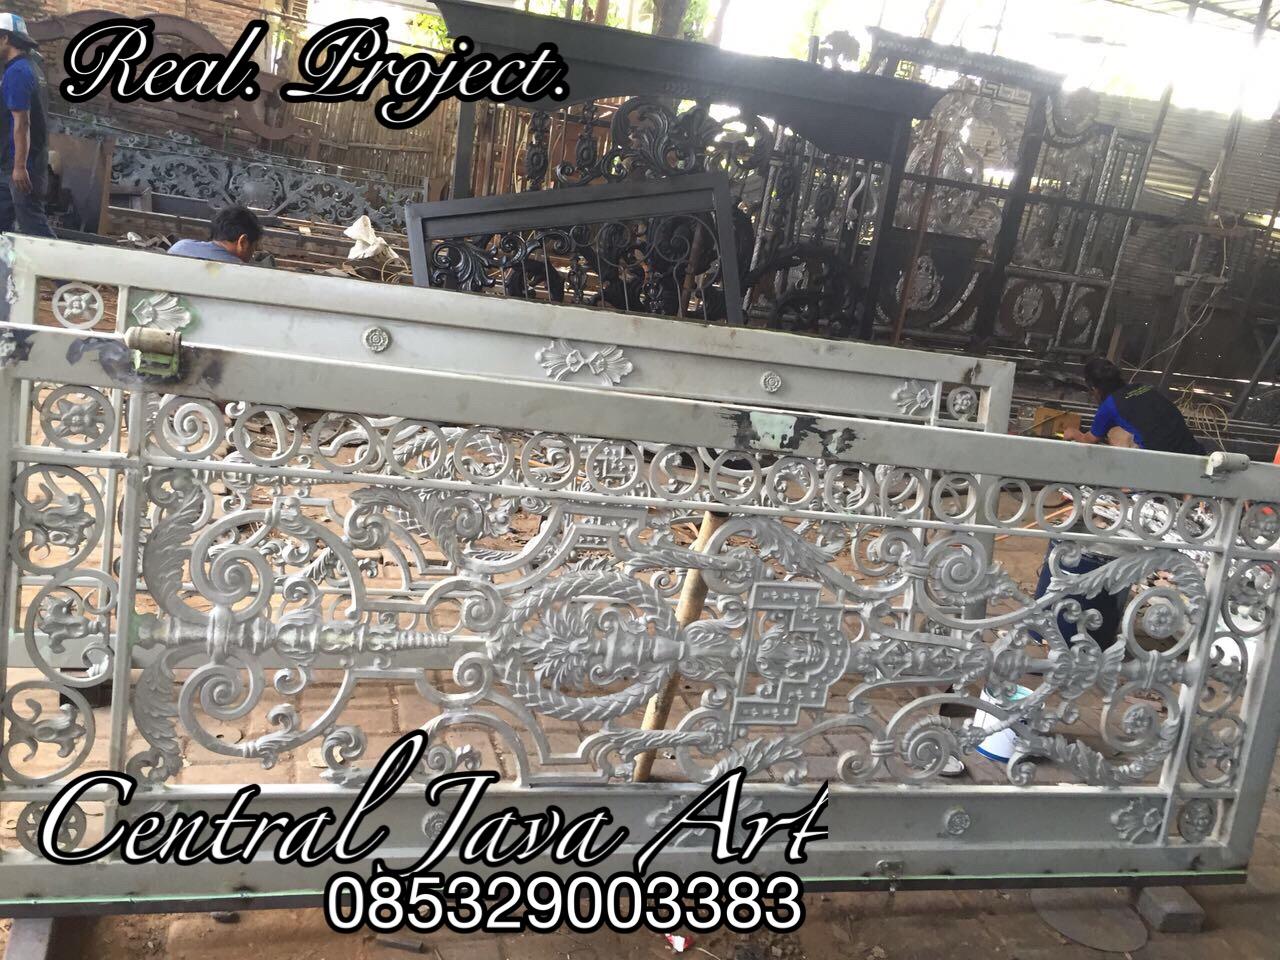 CENTRAL JAVA ART.  spesialis besi tempa juga jual ornamen besi tempa klasik,sedia berbagai macam model asesories, jual katalog buku.  -KATALOG BUKU DESAIN BESI TEMPA, -KATALOG ORNAMEN BESI TEMPA, TLPN. 085945443684 XL / 085329003383 Telkomsel , ALAMAT; Jl. H. Bidong raya, No. 10. Rt03 RW 04. Ketapang. Cipondoh. Tangerang, PERBATASAN,JAKARTA -Tangerang, balkon,Jual ornamen besi tempa,Railling tangga,Pagar besi tempa,tralis,aksesori besi tempa,aksesori cor aluminium,aksesori pagar klasik,alferrom,aluminium cor,balkon,balkon klasik besi tempa,balkon minimalis,bengkel las,bengkel las tralis,besi cor,besi nako ulir,besi tempa,besi tempa bekasi,besi tempa cikarang,besi tempa hollow,besi tempa Jakarta,besi tempa Jakarta barat,besi tempa Jakarta Selatan,besi tempa klasik,besi tempa klasik terbaru,besi tempa mewah,besi tempa plat strip,besi tempa serpong,besi tempa sumatera,bsd,cor aluminium,cor kuningan,cor logam,cor tembaga,desain besi tempa,desain besi tempa klasik,desain pintu rumah,distributor ornamen alferrom,distributor ornamen besi tempa,distributor ornamen cor aluminium,engsel,engsel bubut,handel,harga besi tempa klasik,harga ornamen cor aluminium,jual aksesori besi tempa,jual aksesori cor aluminium,jual aksesori pagar klasik harga pagar besi tempa klasik,jual alferrom,jual ornamen alferrom,jual ornamen besi tempa,jual ornamen besi tempa klasik,kanopi,kanopy klasik,kerajinan,kerajinan besi tempa,model pagar besi tempa klasik,model pagar besi tempa klasik mewah,model railling tangga klasik,ornamen alferrom railling,ornamen cor aluminium,ornamen cor aluminium besi tempa klasik mewah,pagar,pagar besi minimalis,pagar besi tempa,pagar besi tempa alam sutra,pagar besi tempa cirebon,pagar besi tempa kalimantan,pagar besi tempa klasik 2017,pagar besi tempa makasar,pagar besi tempa manado,pagar besi tempa sulawesi,pagar besi tempa surabaya,pagar besi tempa Tangerang,pagar klasik,pagar klasik tempa mewah,pagar mewah,pagar minimalis,pagar modern rumah mewah,pagar tempa klasik,